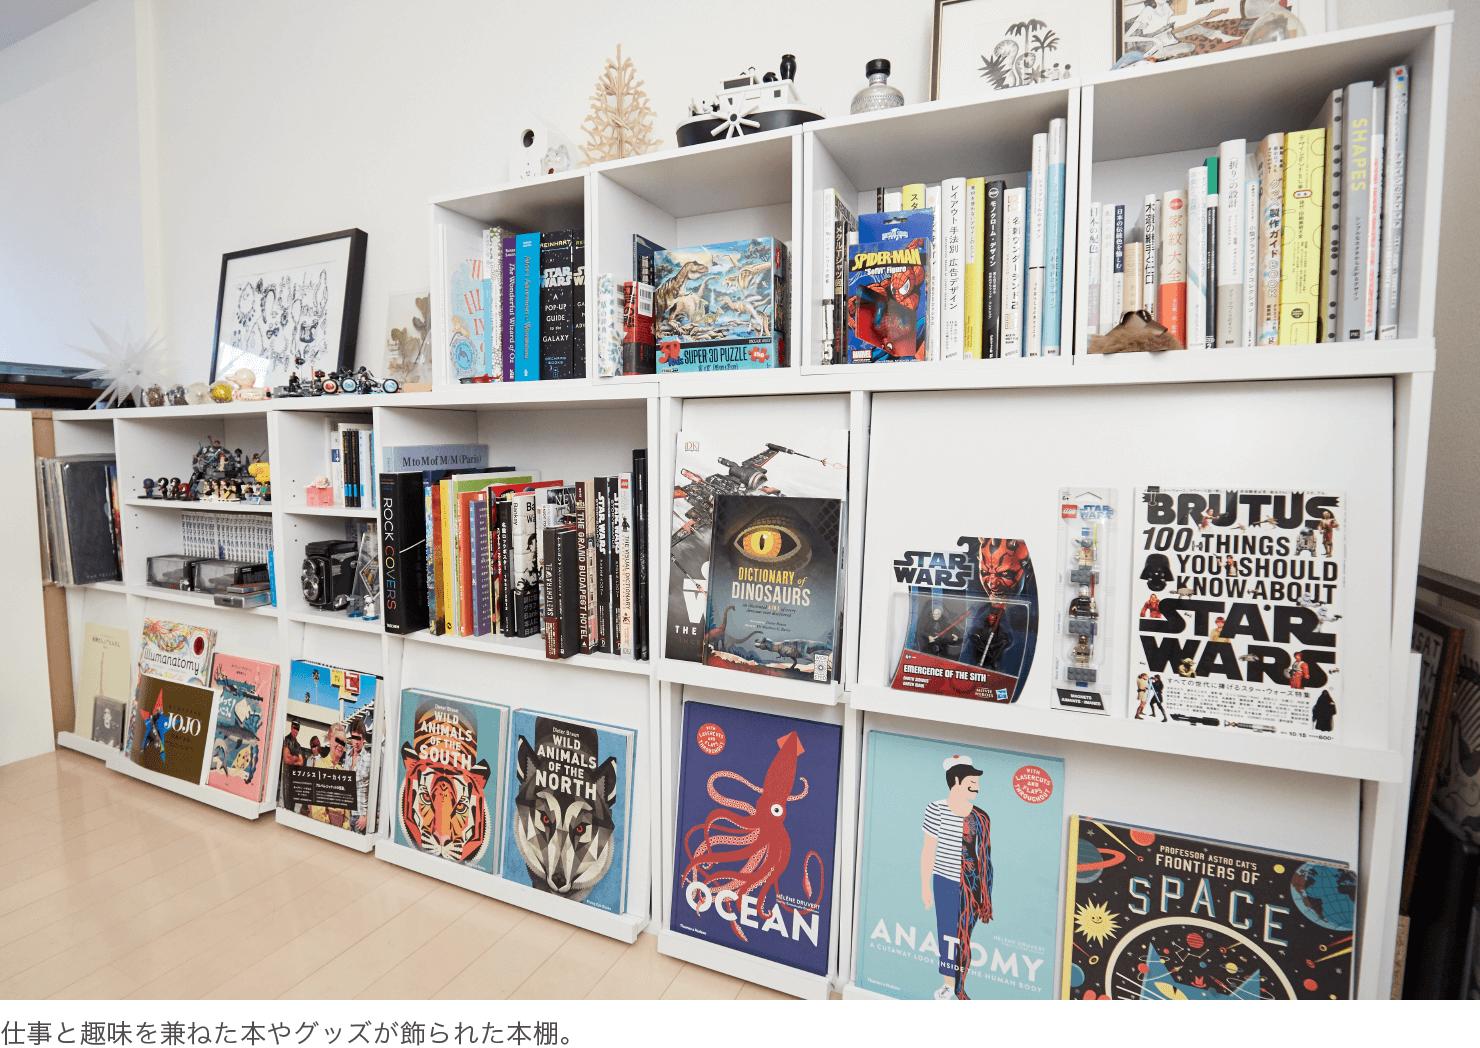 仕事と趣味を兼ねた本やグッズが飾られた本棚。